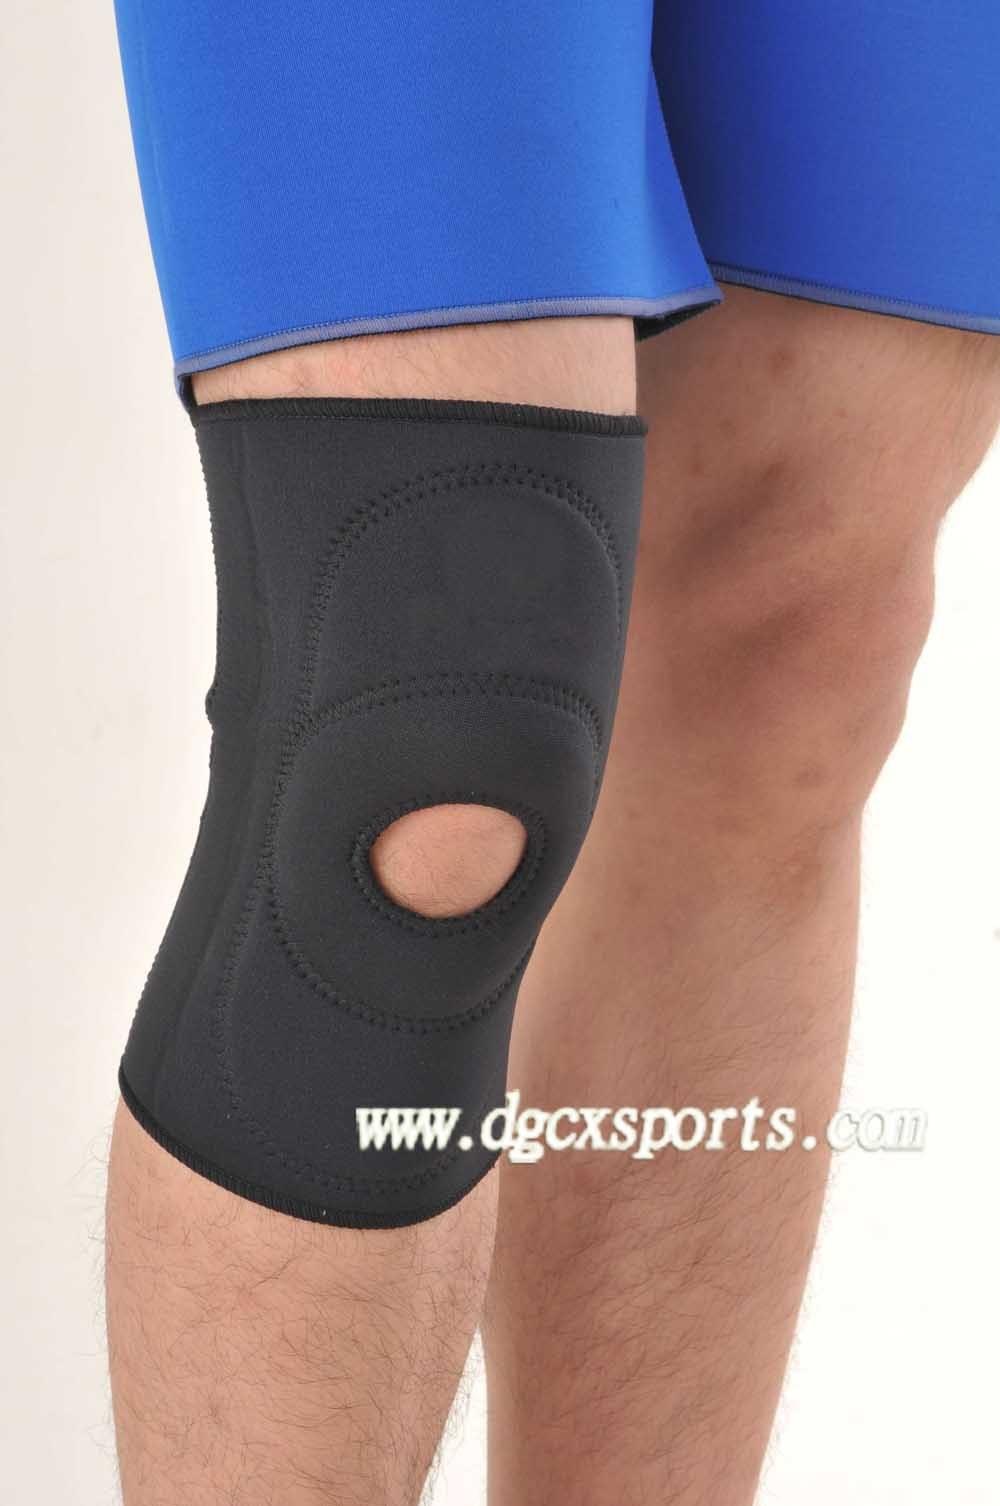 Popular Neoprene Knee Pad for Better Protector